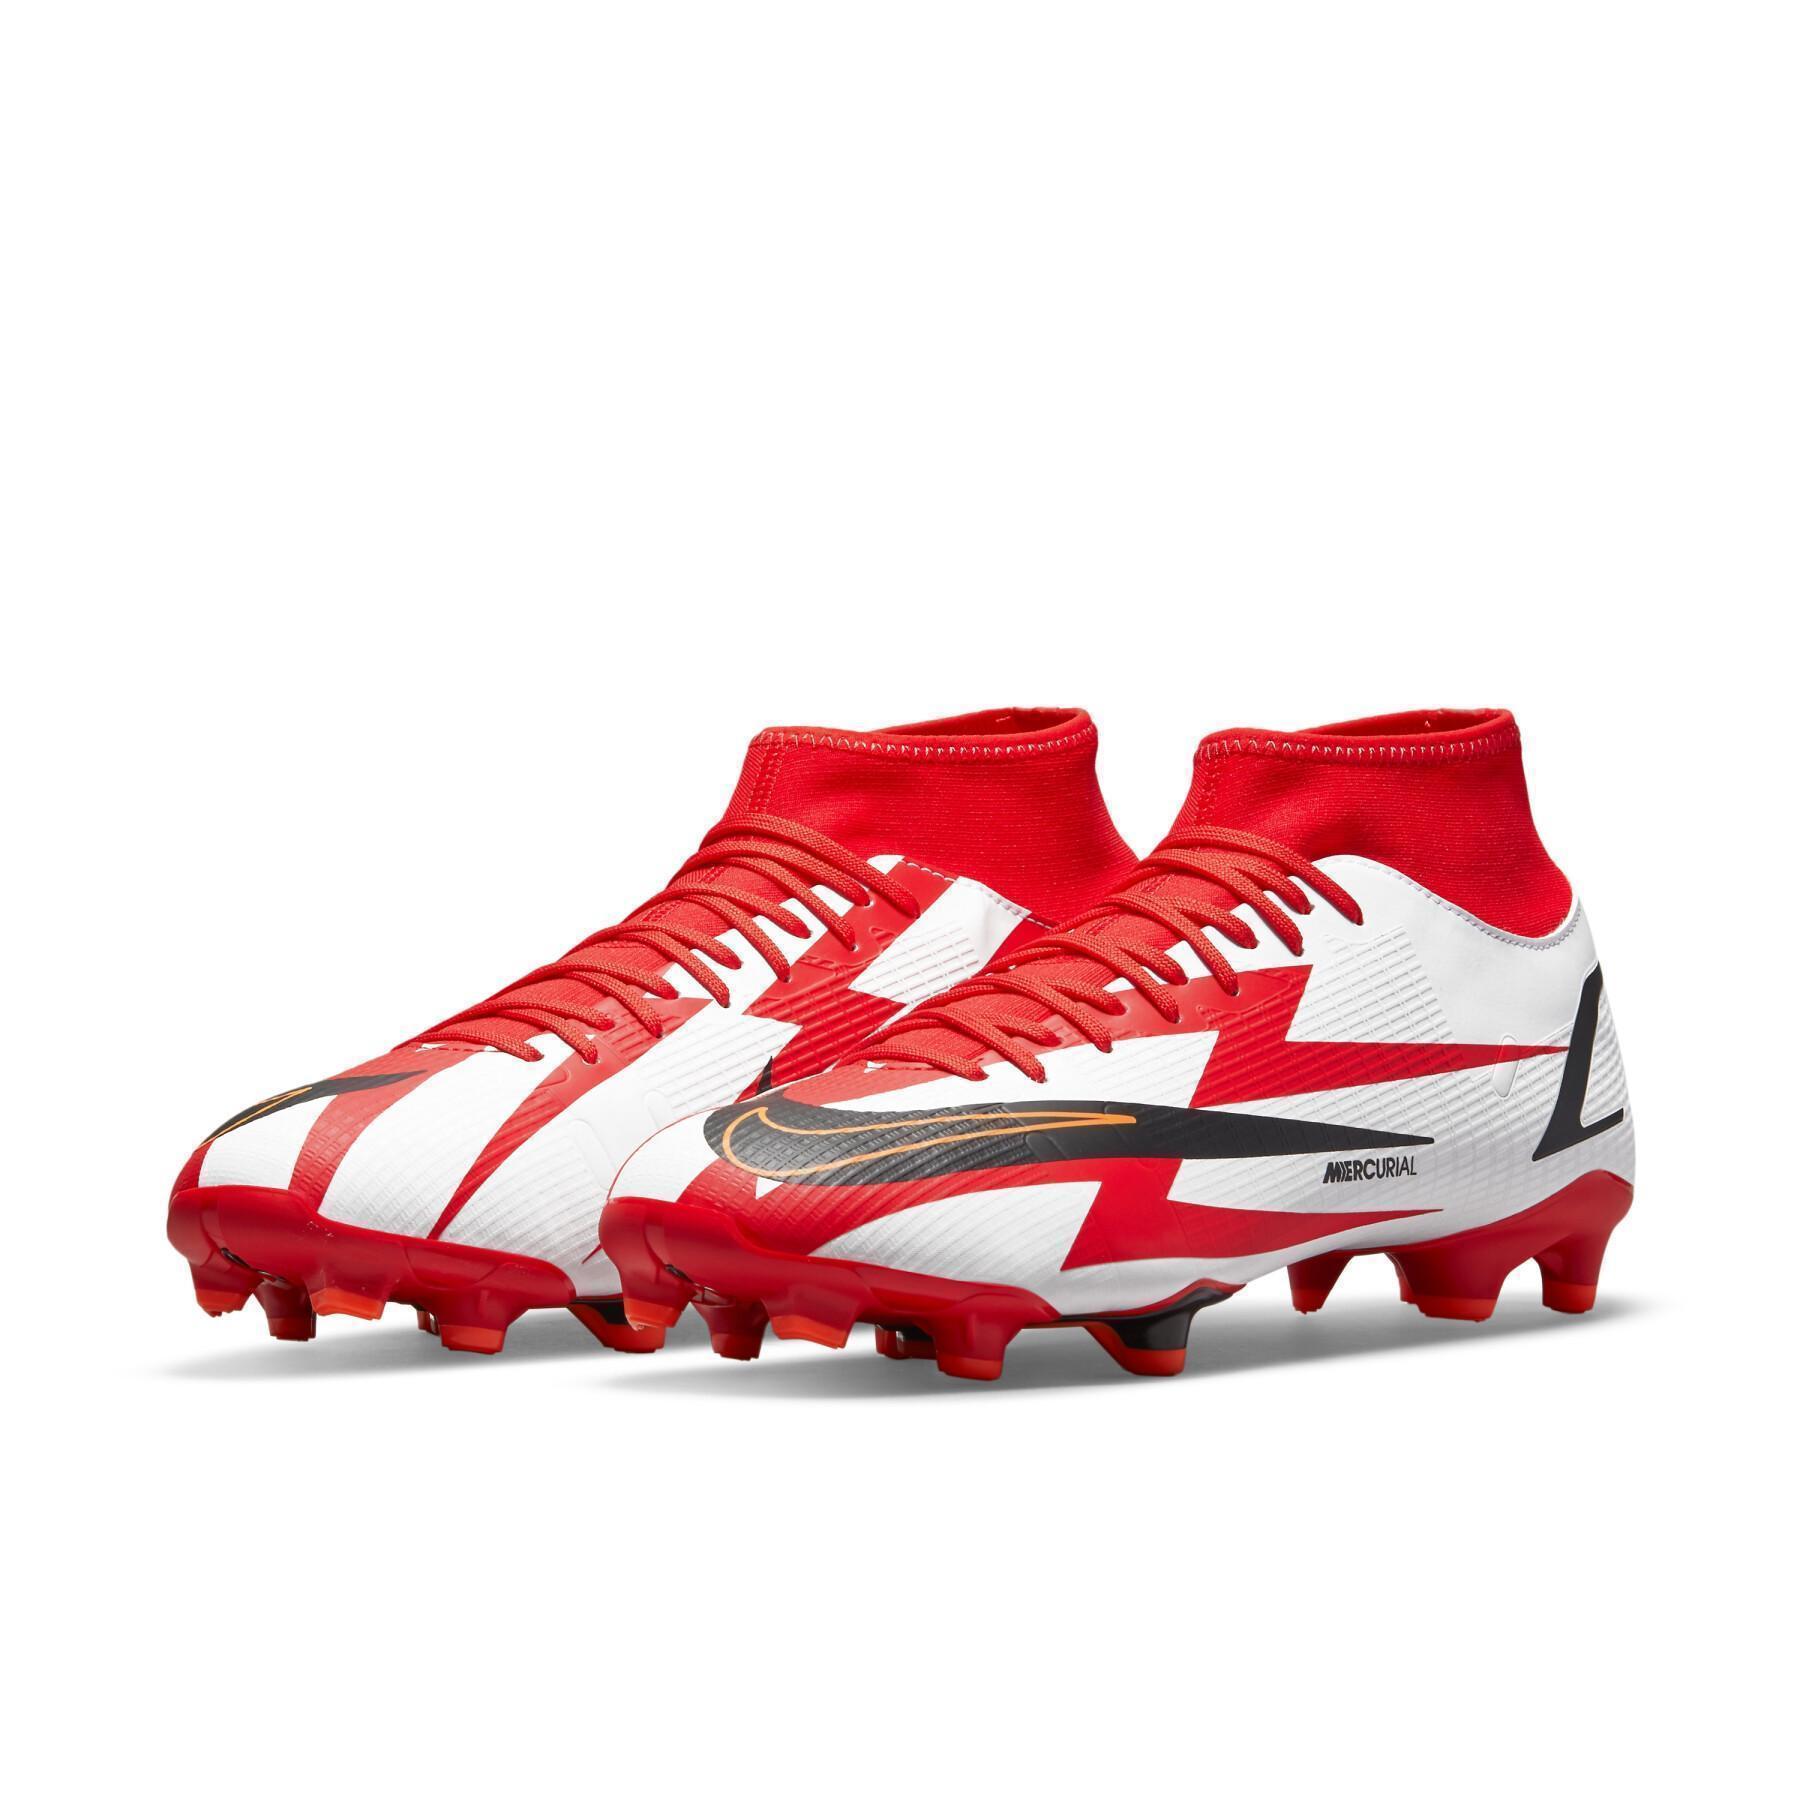 Sapatos Nike Mercurial Superfly 8 Academy CR7 MG